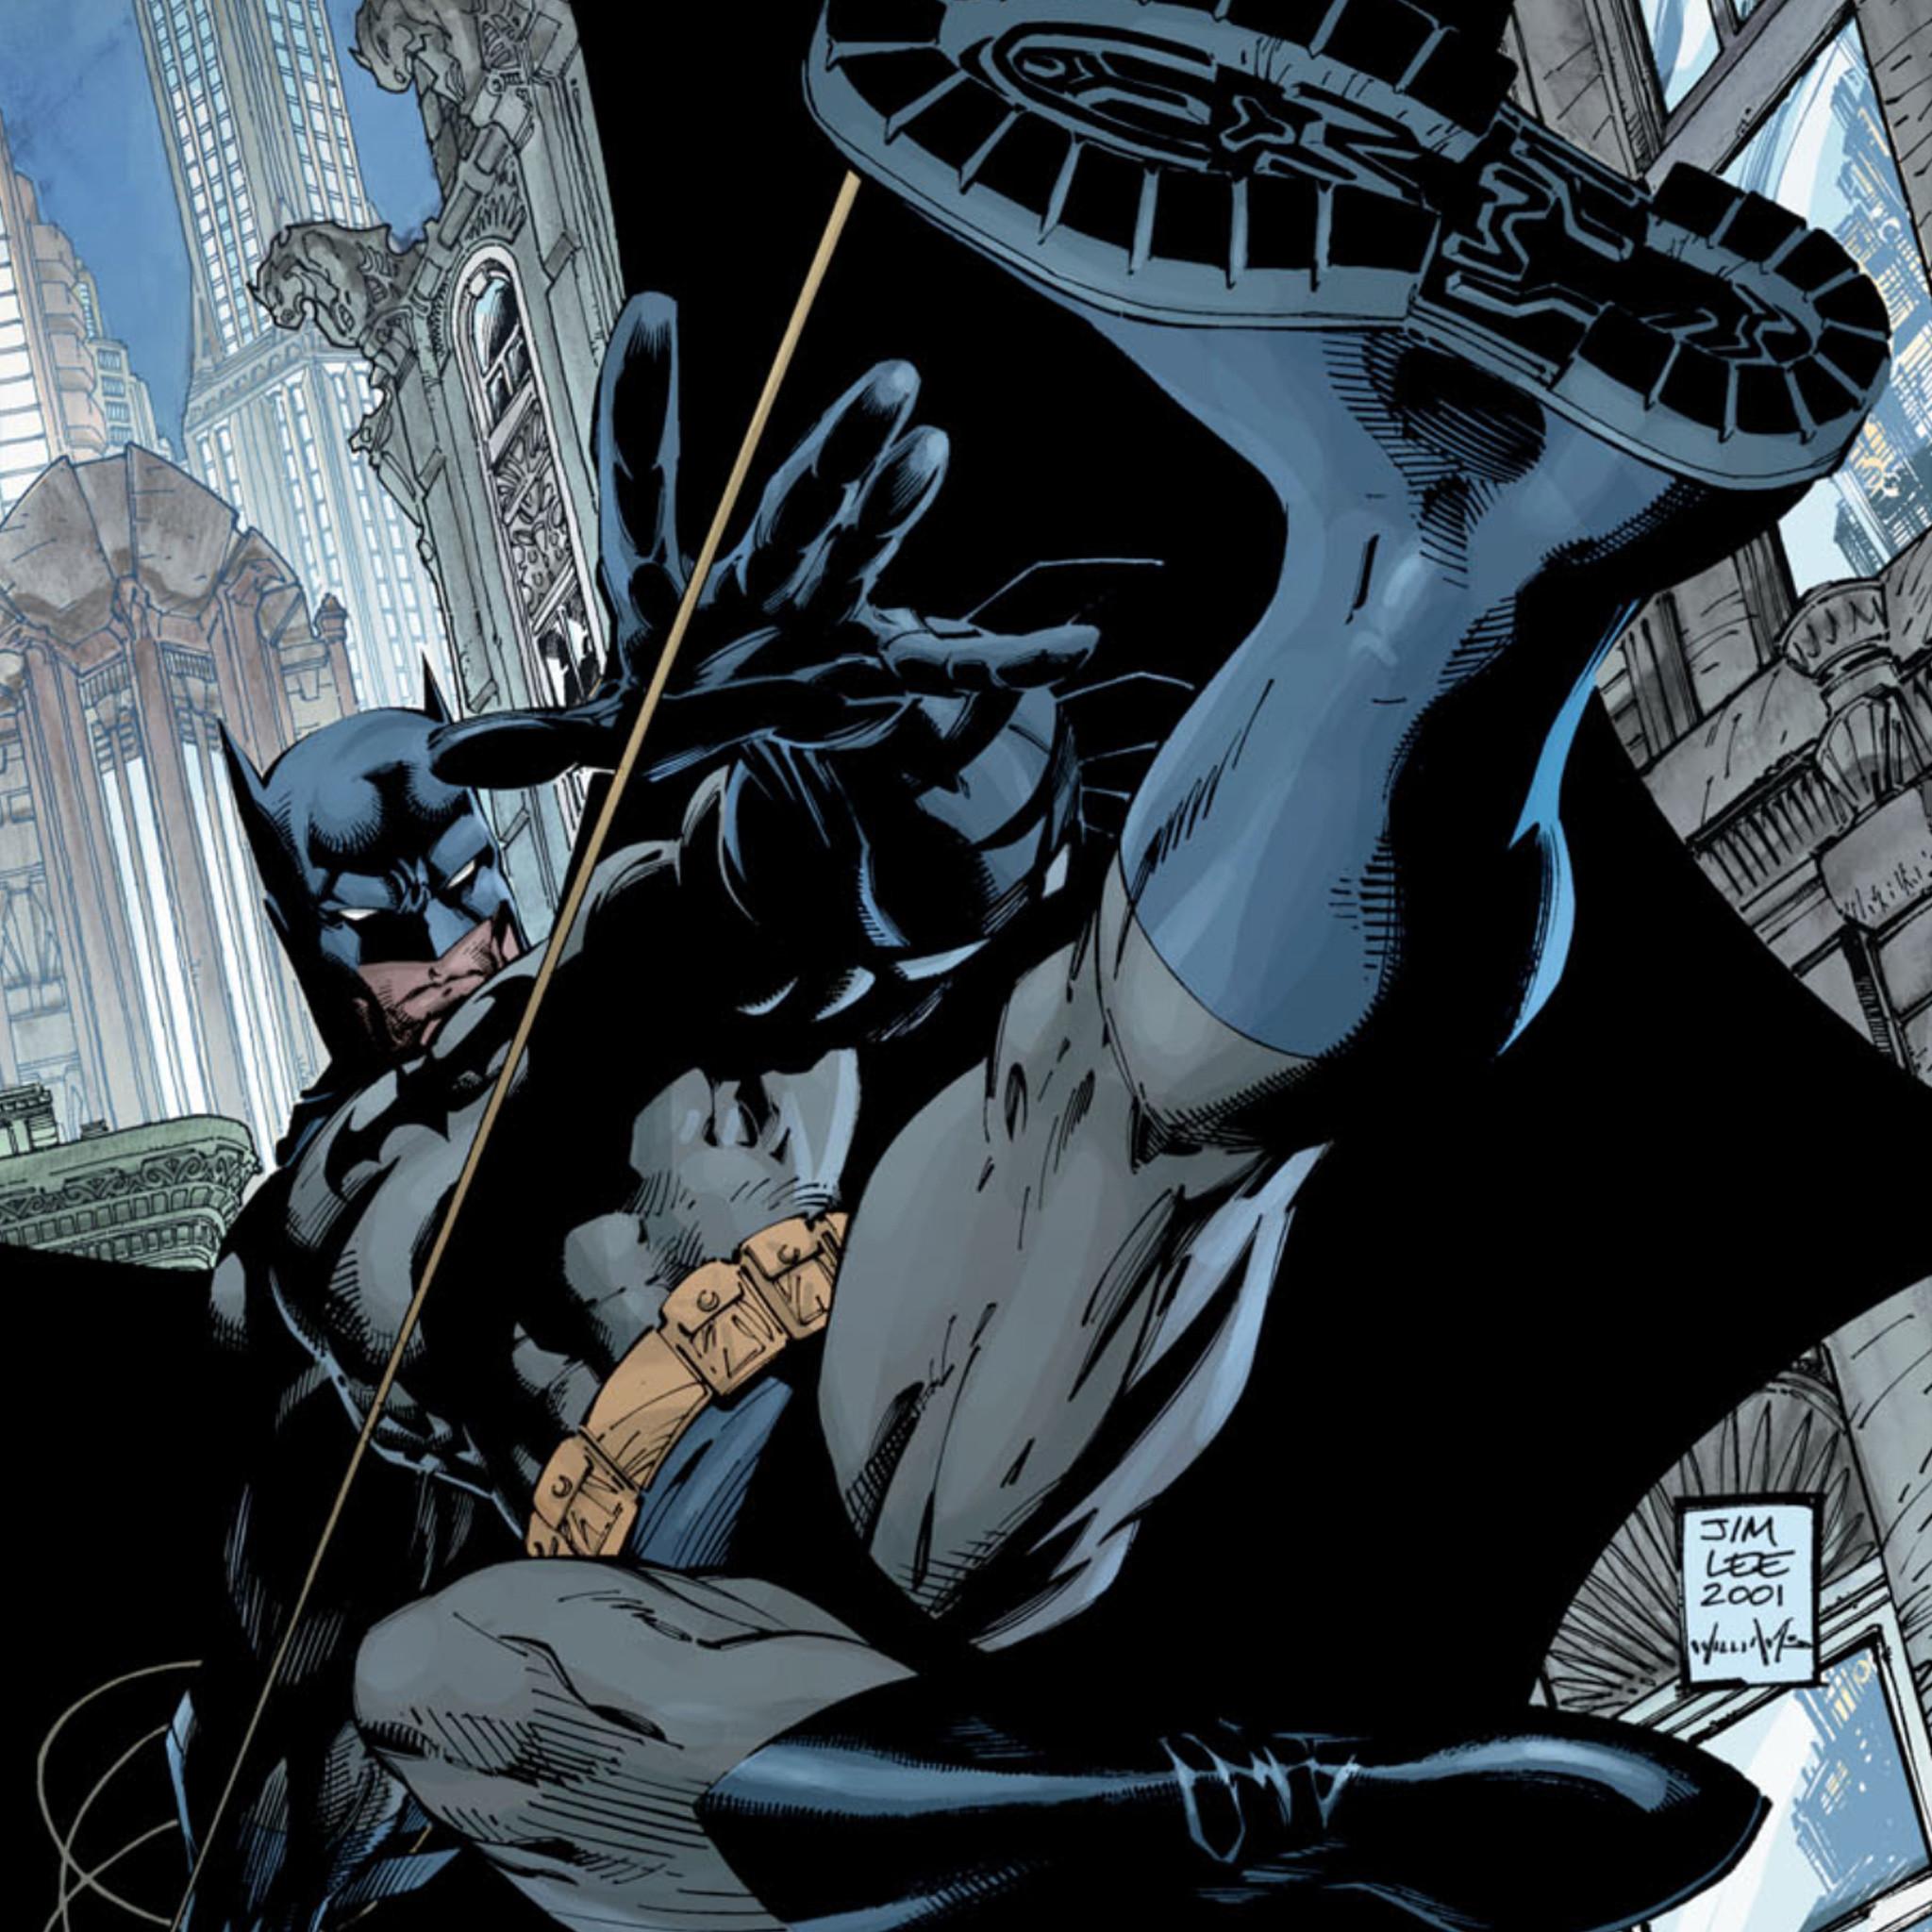 Jim Lee Batman Wallpaper ·① Batman Comic Cover Wallpaper